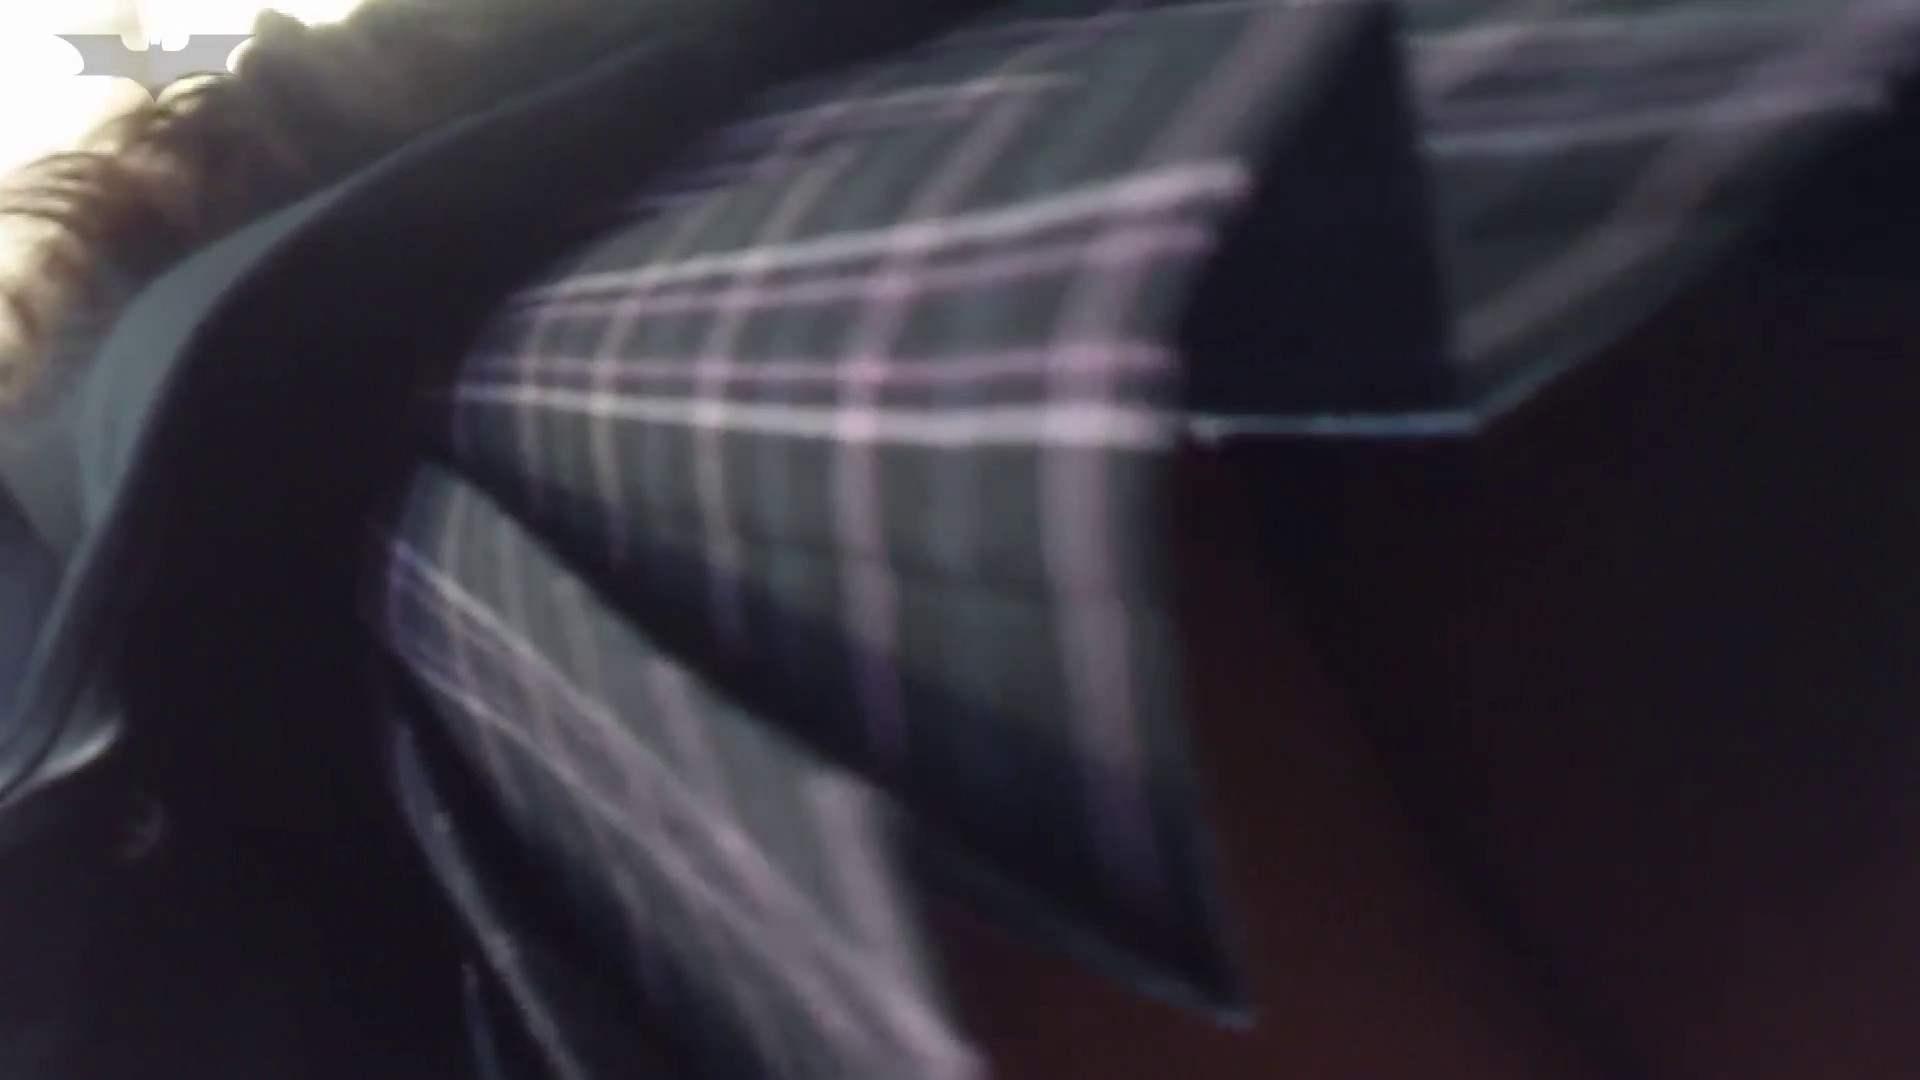 盗撮列車 Vol.14 お嬢様のバックプリントパンツ パンツ  18連発 10